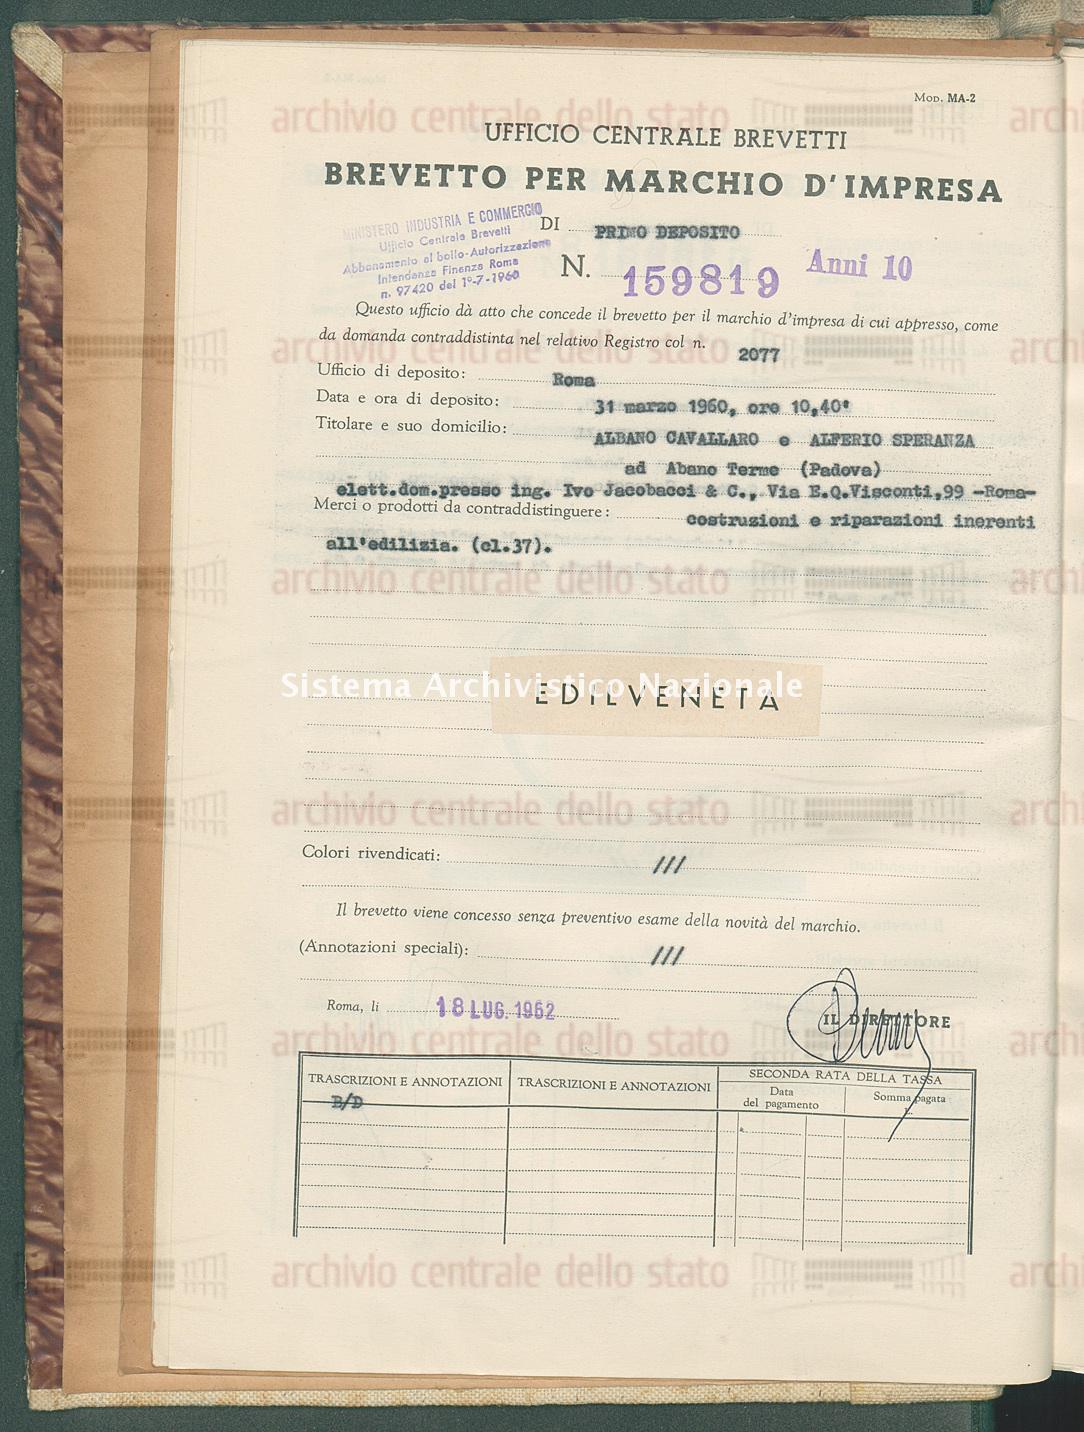 Costruzioni e riparazioni ecc. Albano Cavallaro E Alferio Speranza (18/07/1962)